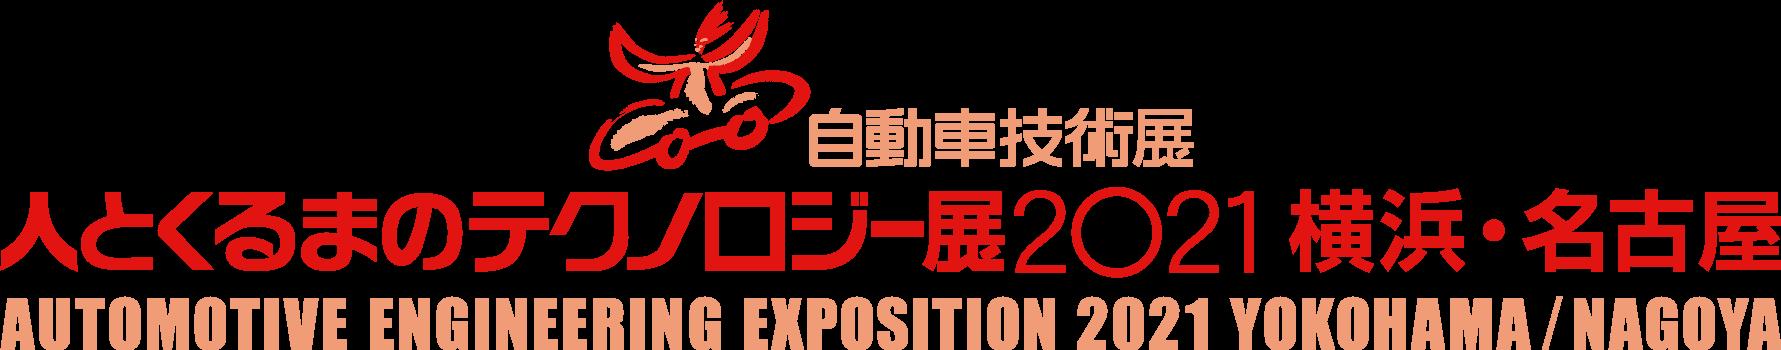 【展示会】※横浜展示会は開催中止 『人とくるまのテクノロジー展2021』